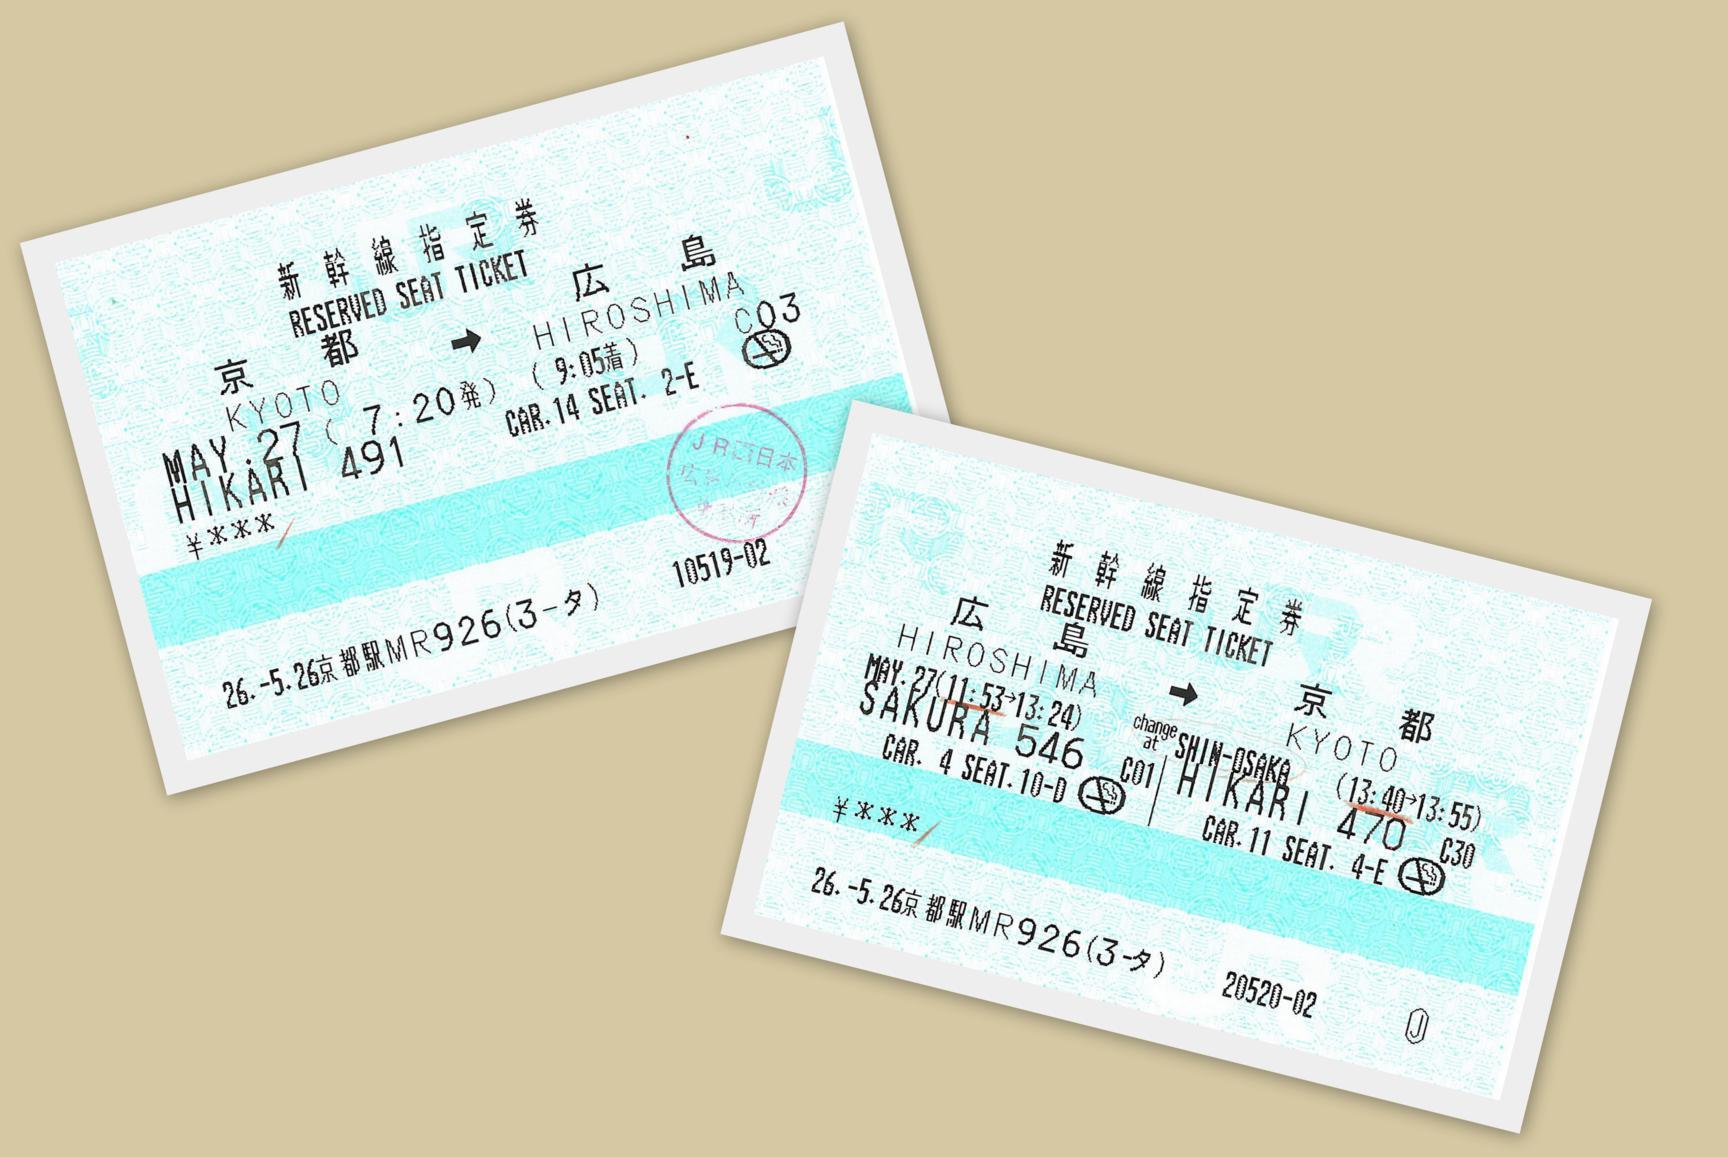 tren-kyoto-hiroshima-kyoto